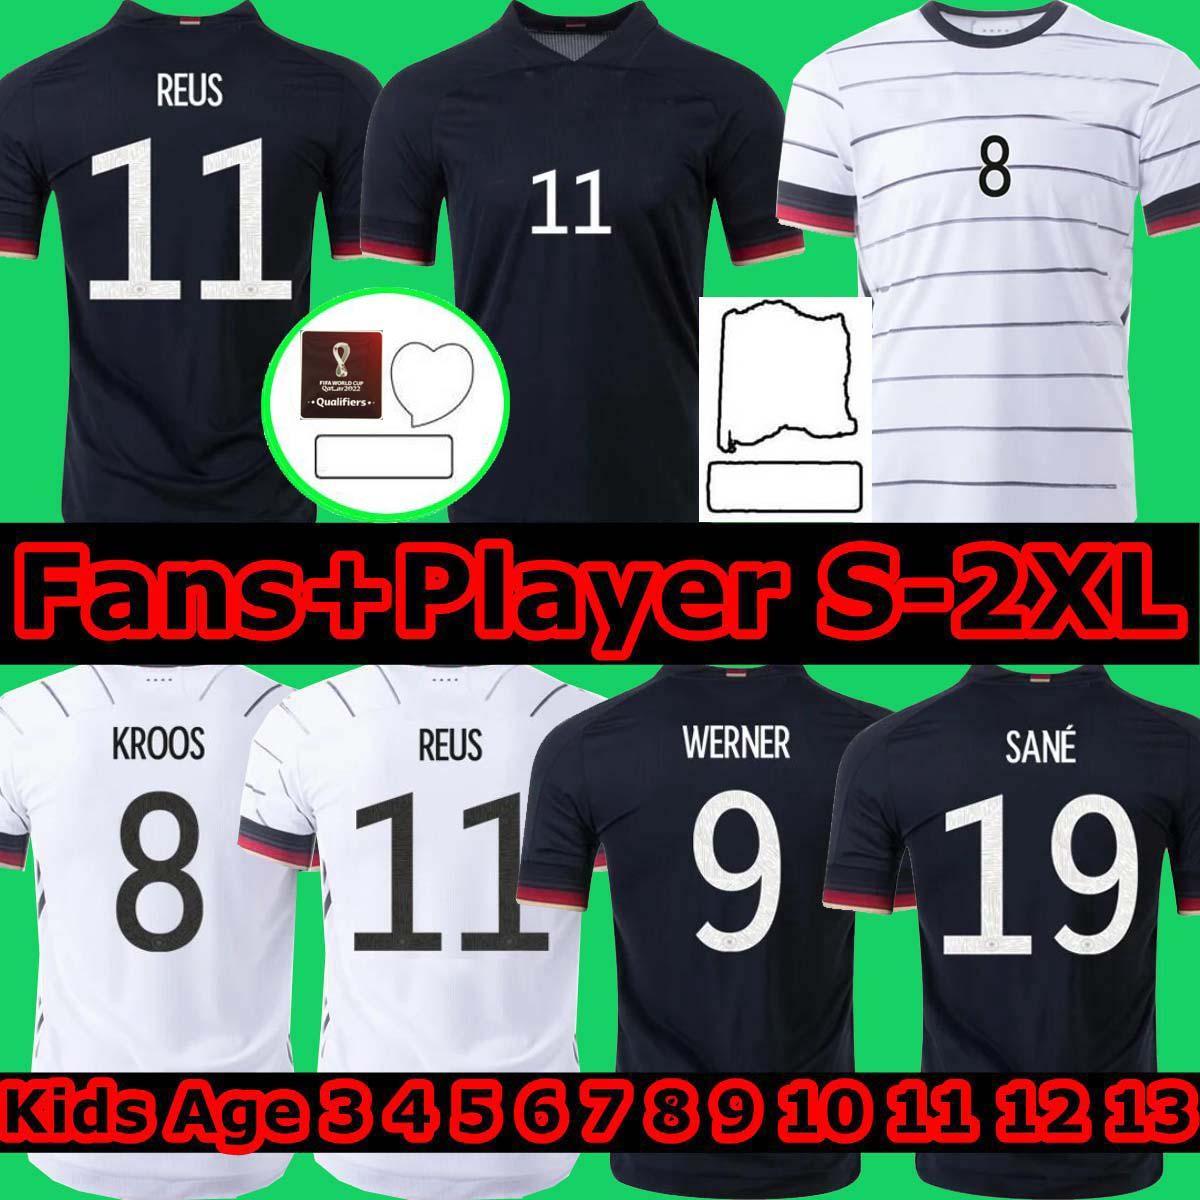 Fanlar + Oyuncu Sürüm Almanya 2020 Futbol Forması Tah Ev Uzakta Kiti Hummels Kroos Draxler Reus Muller Gotze See Avrupa Kupası Futbol Gömlek Üniformalar Erkekler + Çocuklar Kiti